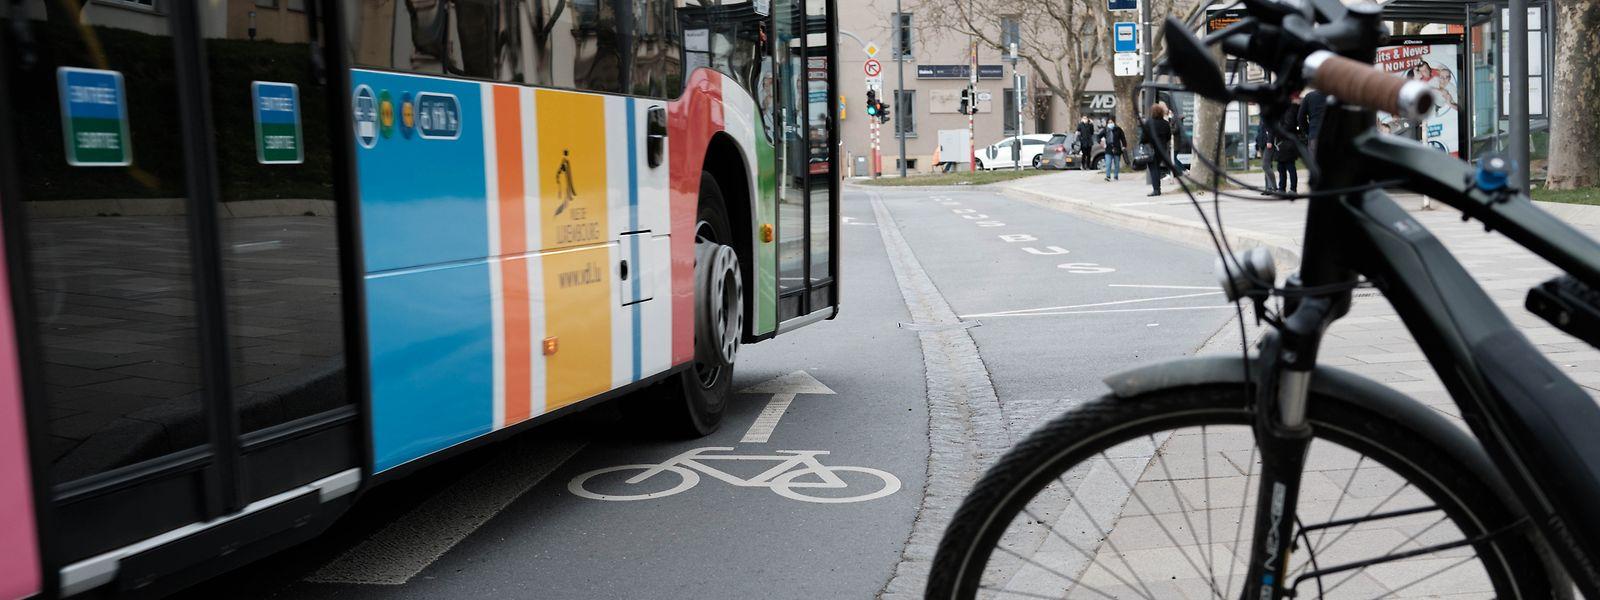 Wenn die Busspur den Radweg kreuzt, sind Kollisionen vorprogrammiert.